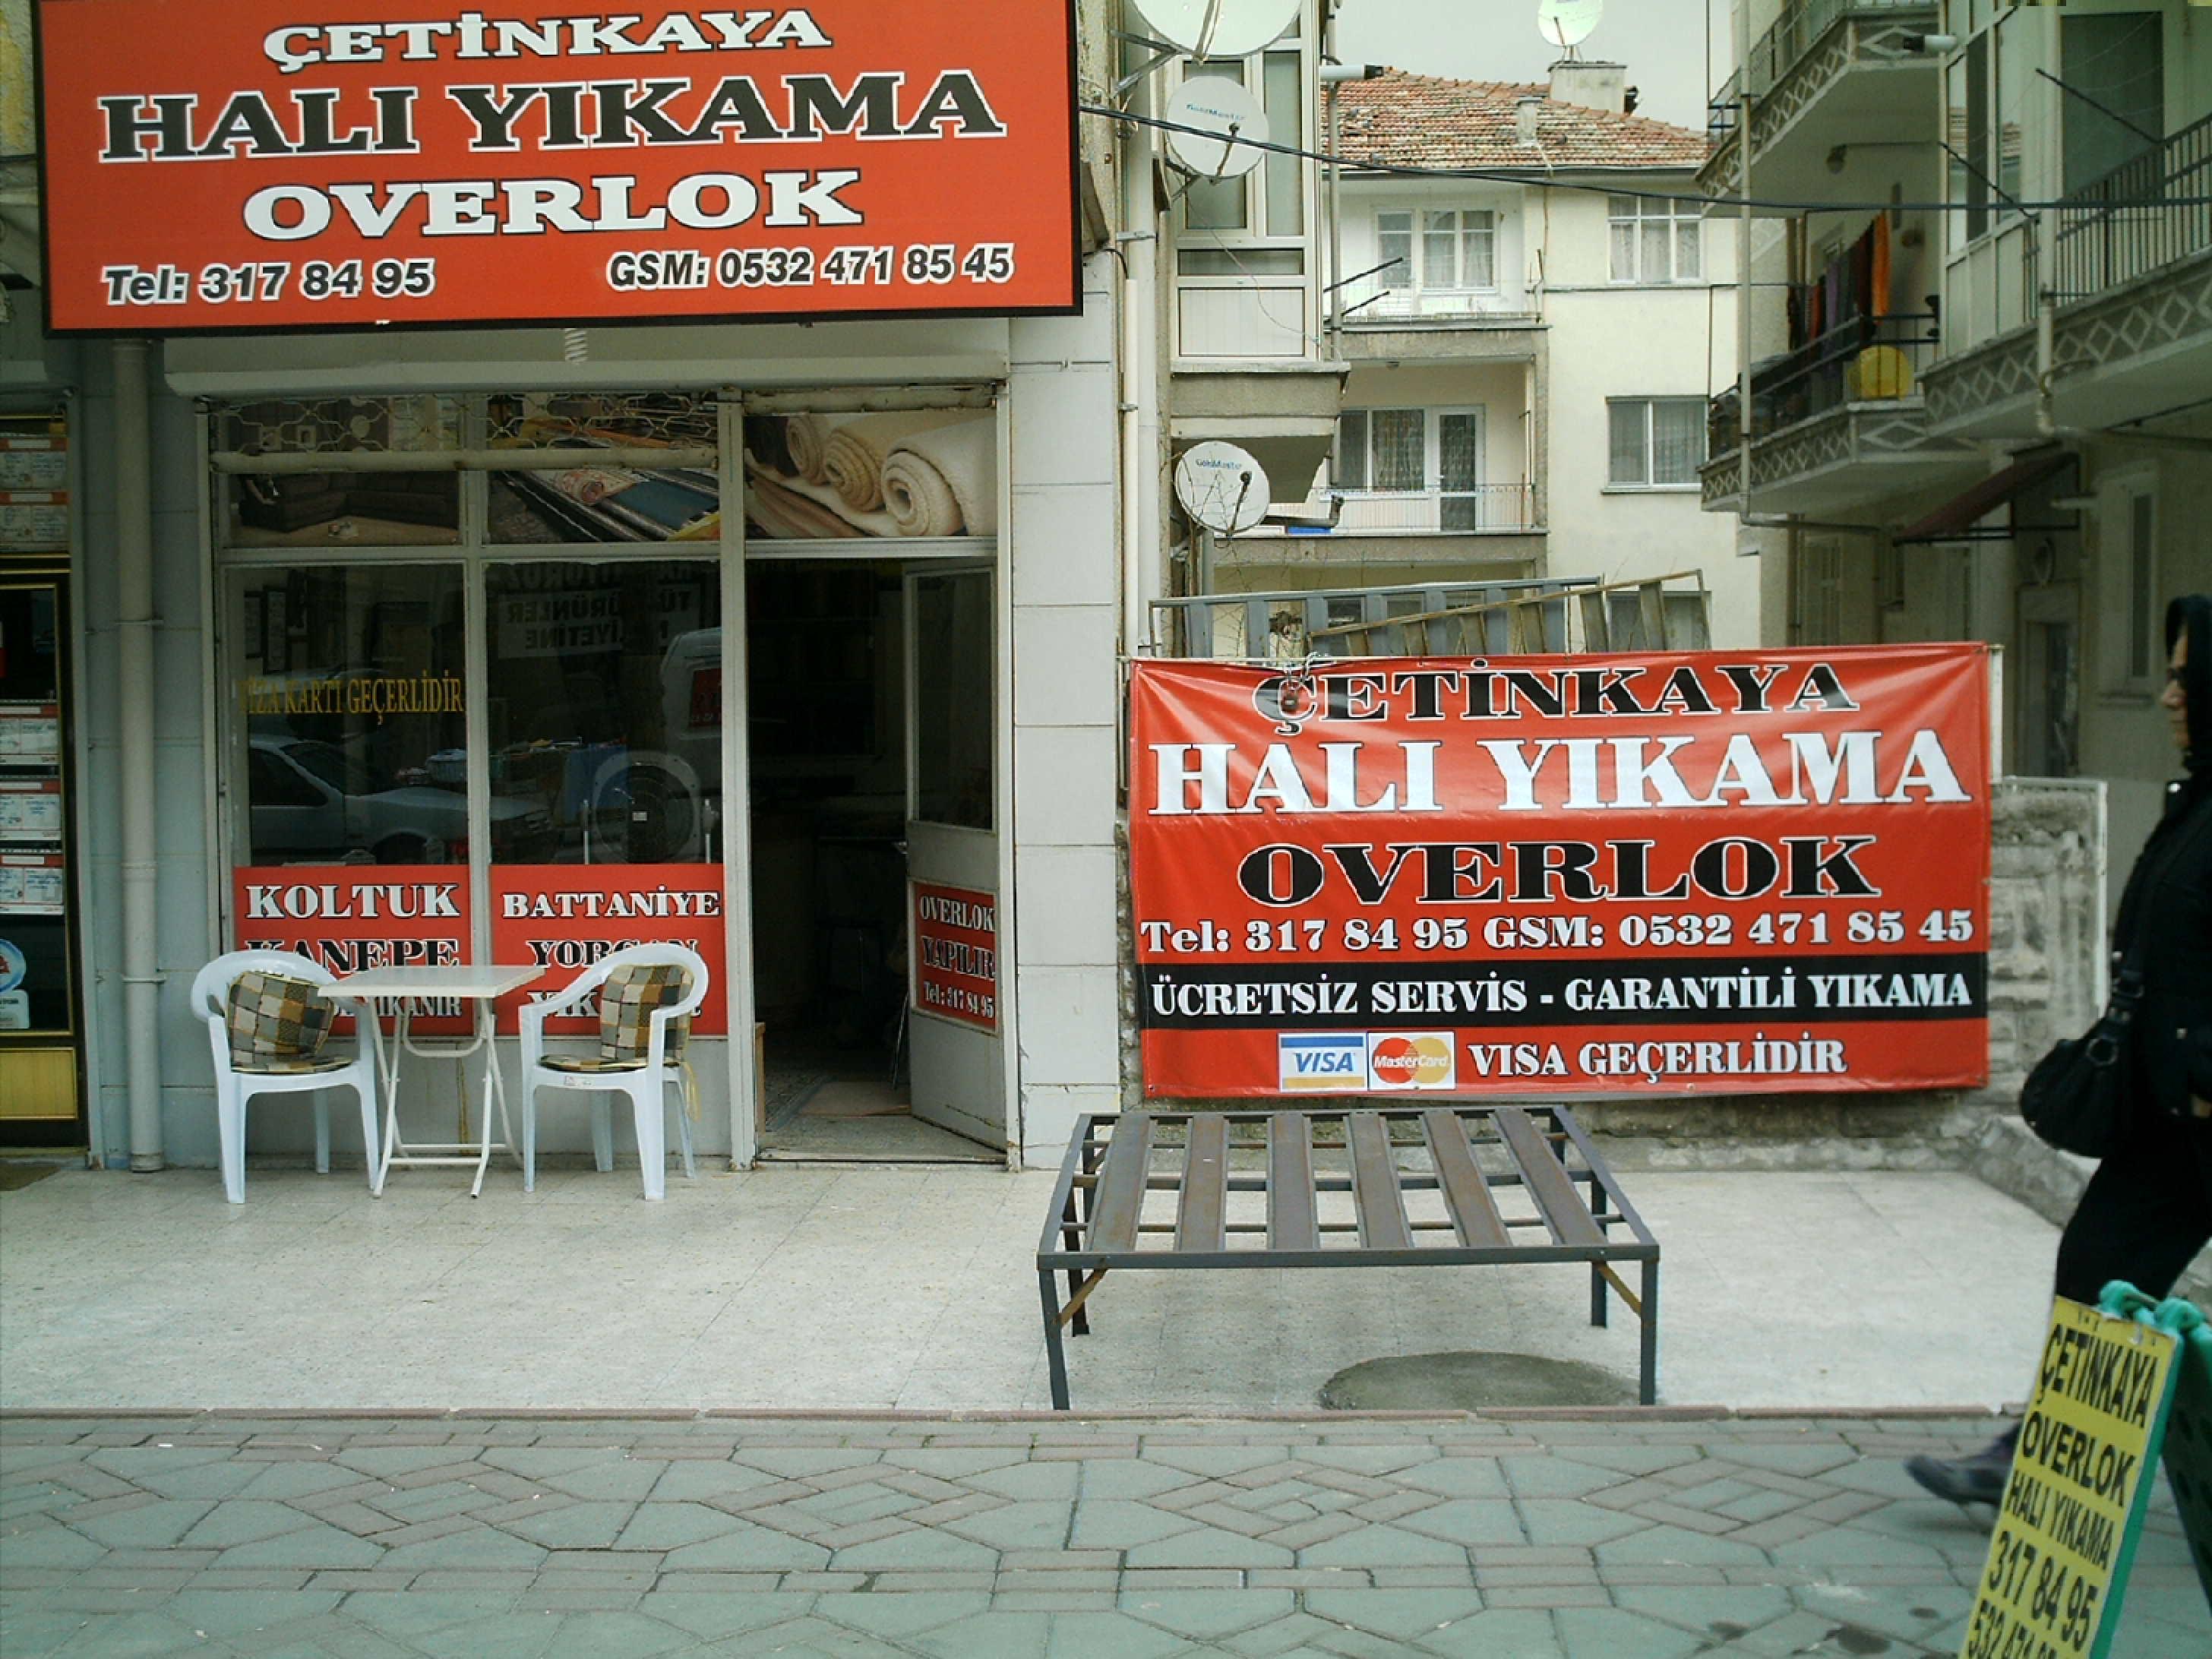 gulpinar_hali_yikama_servis-1-3